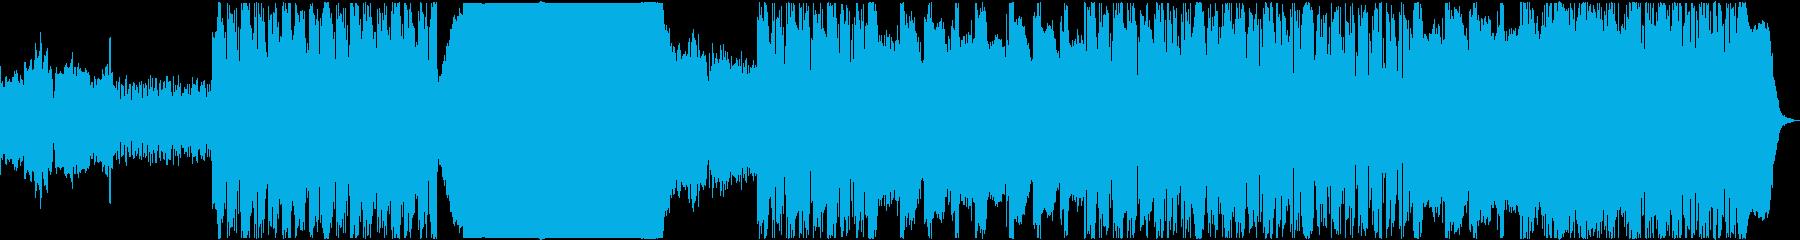 物悲しくも前向きなリズムのあるBGMの再生済みの波形